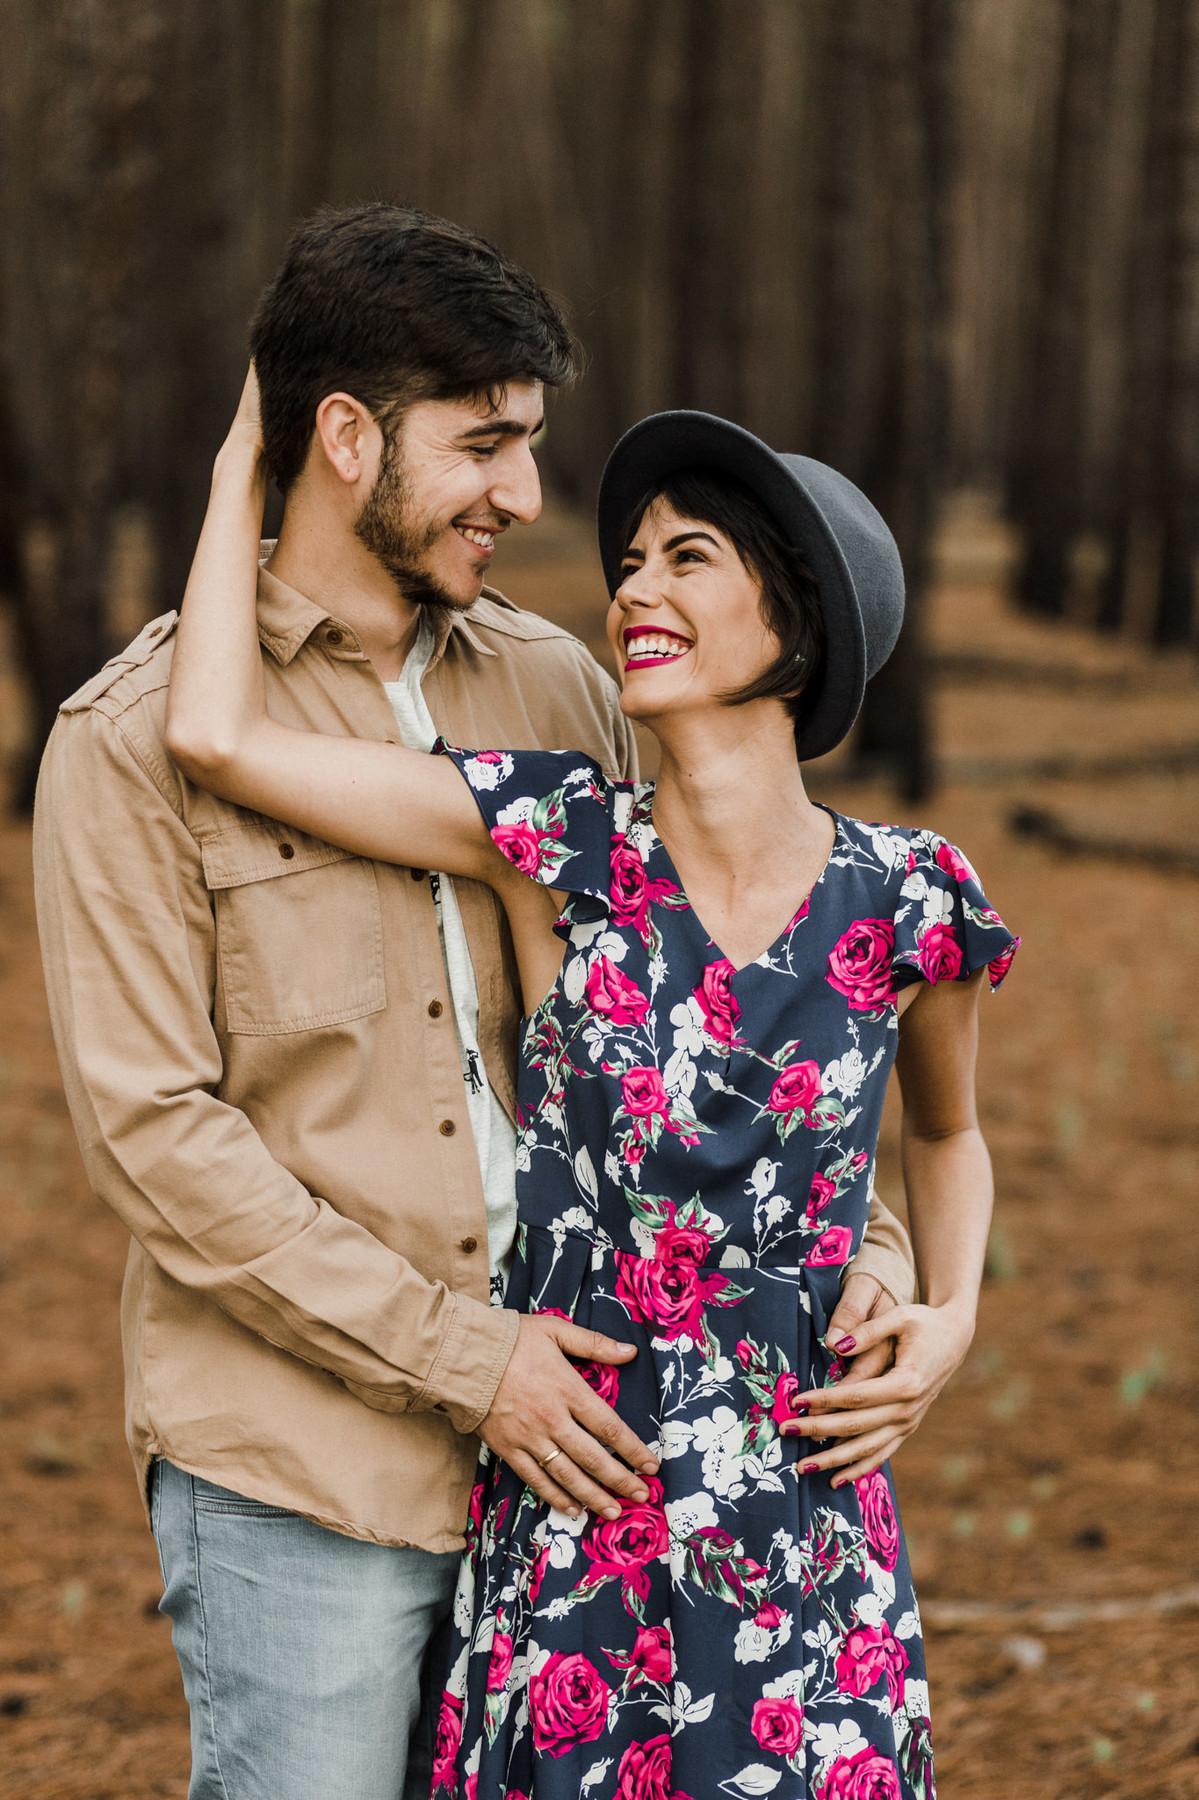 Casal abraçado sorrindo em floresta de pinheiros em Brasília. Foto feita pelo fotógrafo de casamento Gabriel Pelaquim.